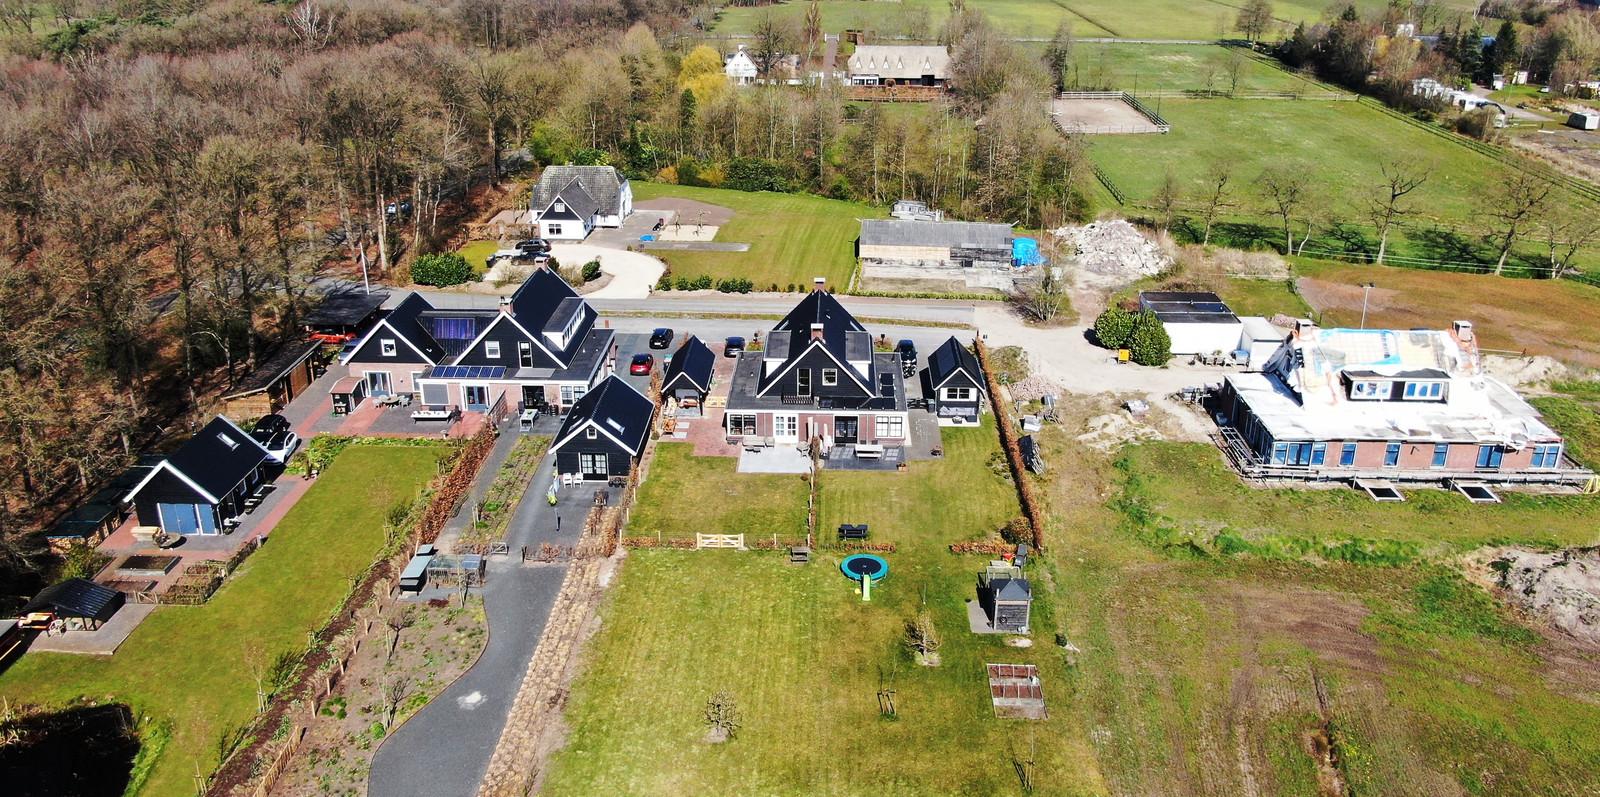 Het plattelandsbuurtje in Uddel dat al tijden op stelten staat. Niet alleen het huis waarop een bouwstop rust (rechts) moet van de gemeente Apeldoorn worden gesloopt, ook moet de linkerhelft van de linker dubbel 2,5 meter verschuiven.